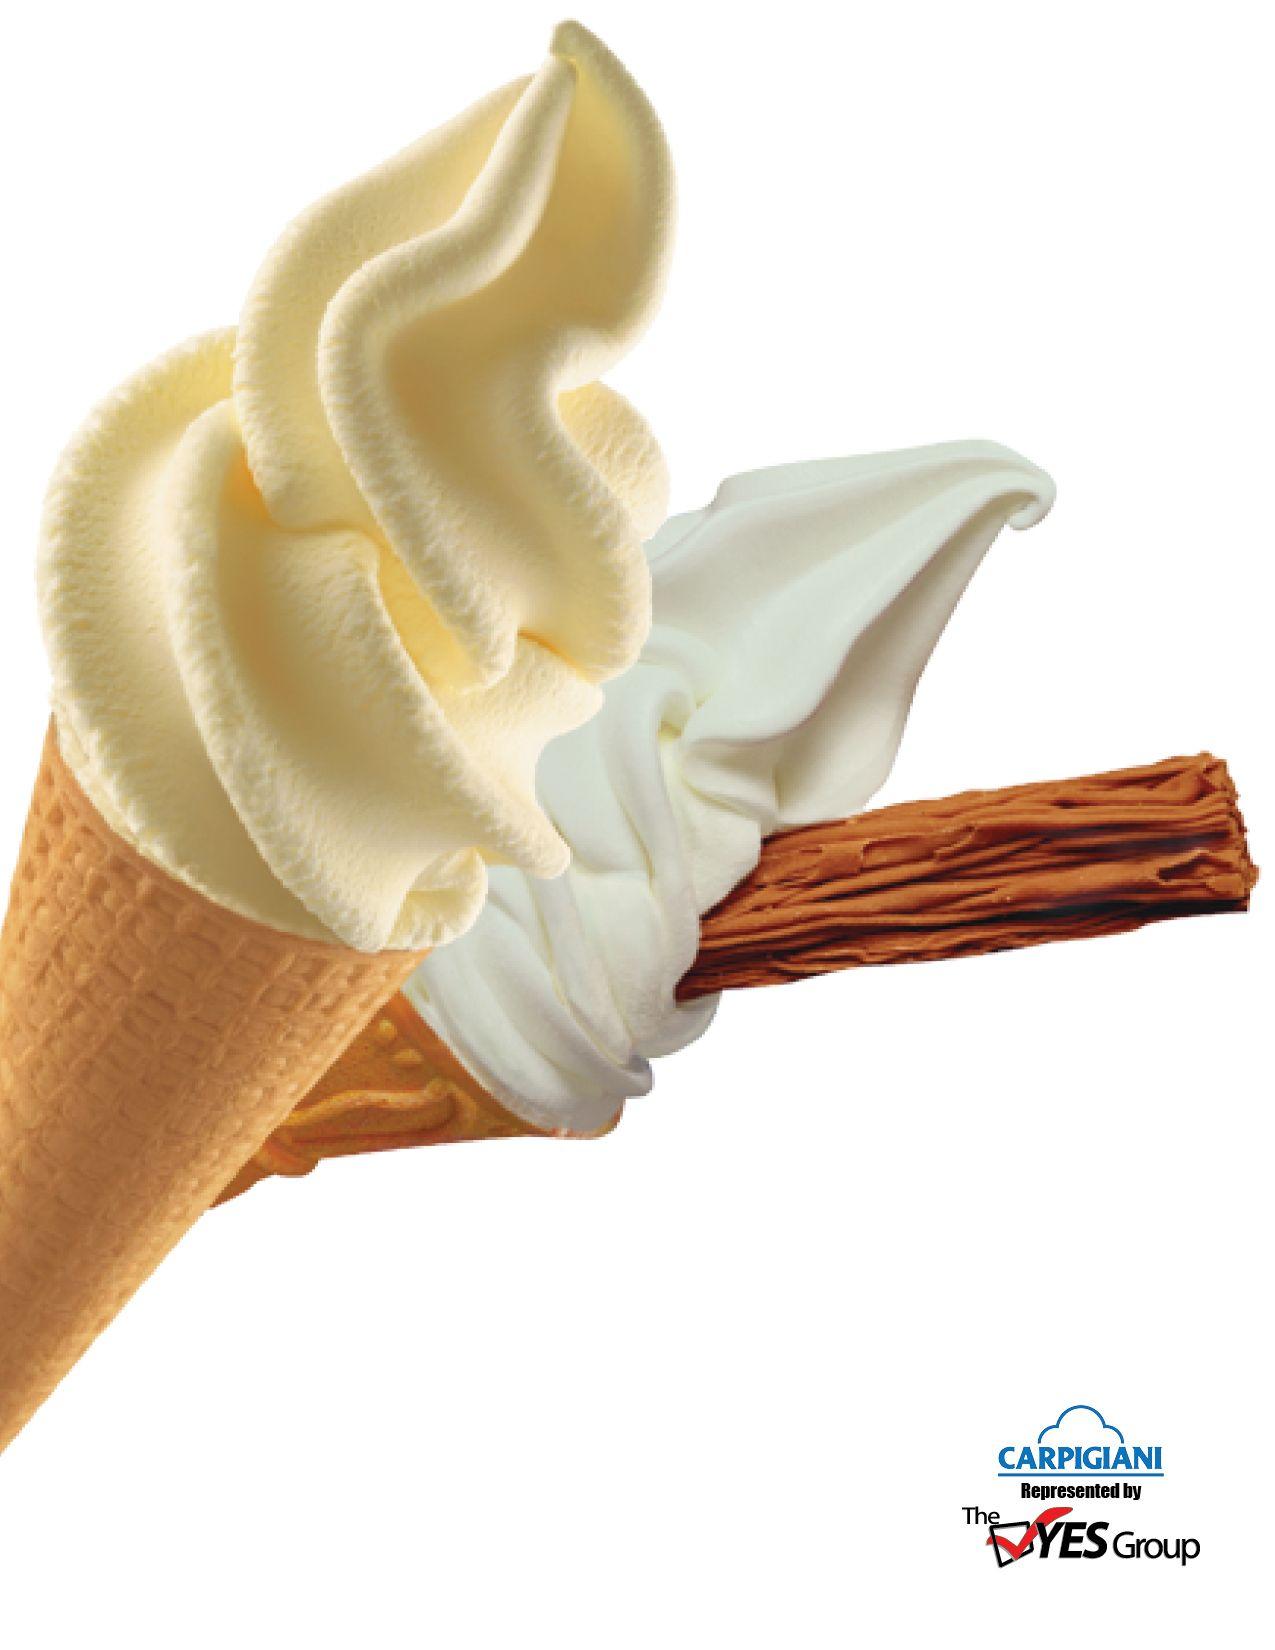 Carpigiani Ice Cream Equipment Ice Cream Snack Recipes Cream